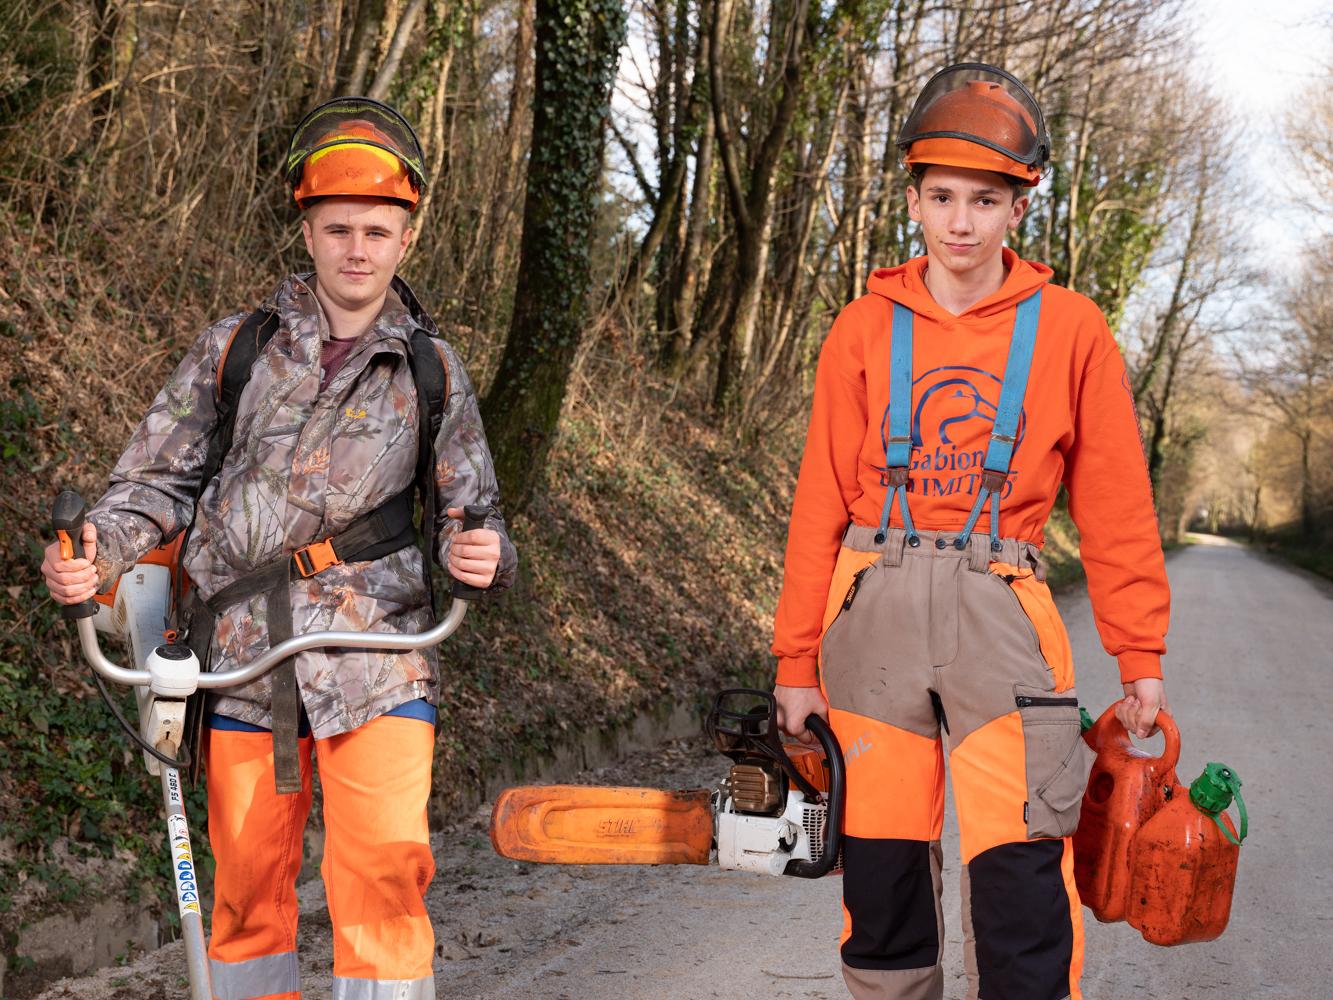 Valentin et Alenzo, Lycéens Lycée forestier Saint Amans usagers voie verte Parc naturel Haut-Languedoc région Occitanie